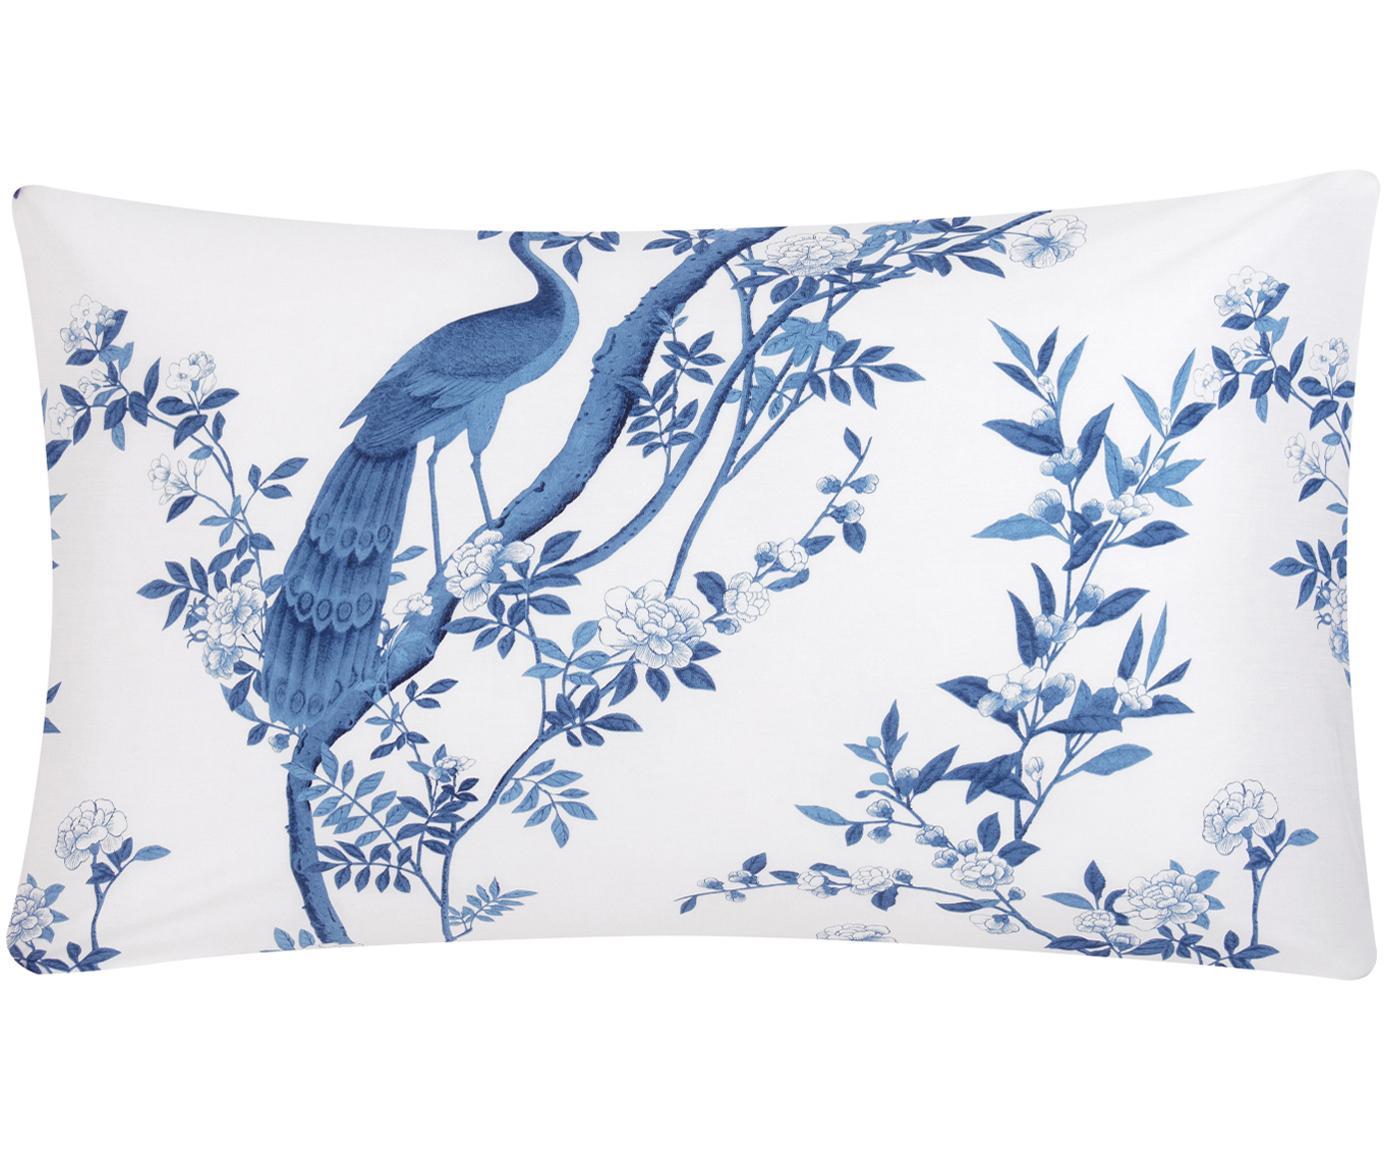 Funda de almohada de percal Annabelle, Blanco, azul, An 45 x L 85 cm